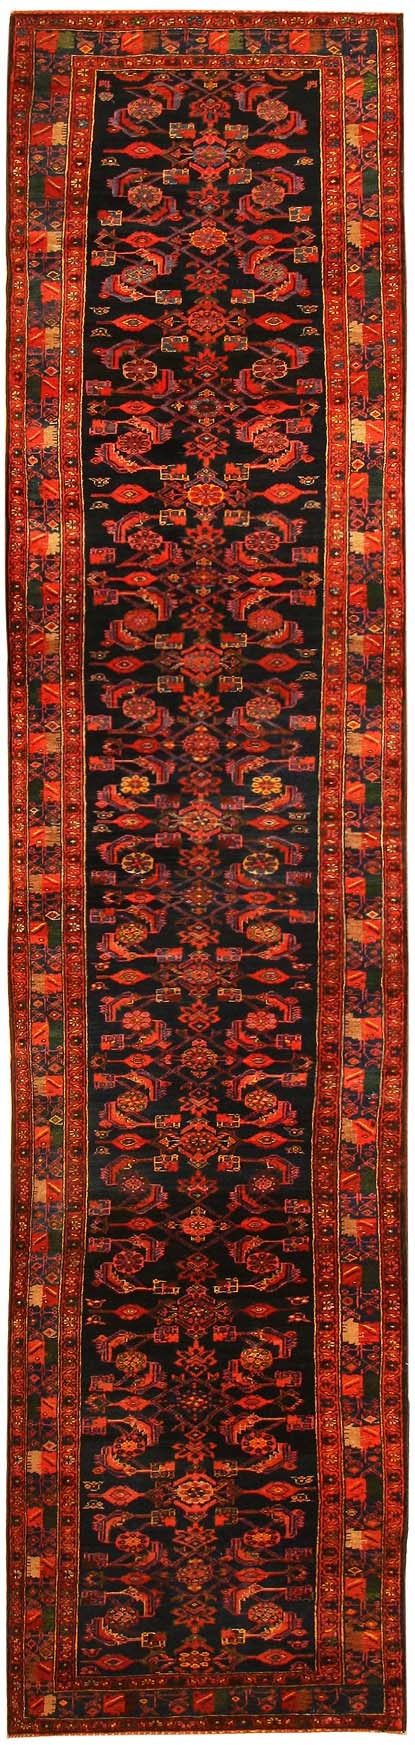 Antique Hamedan Persian Rug 43844